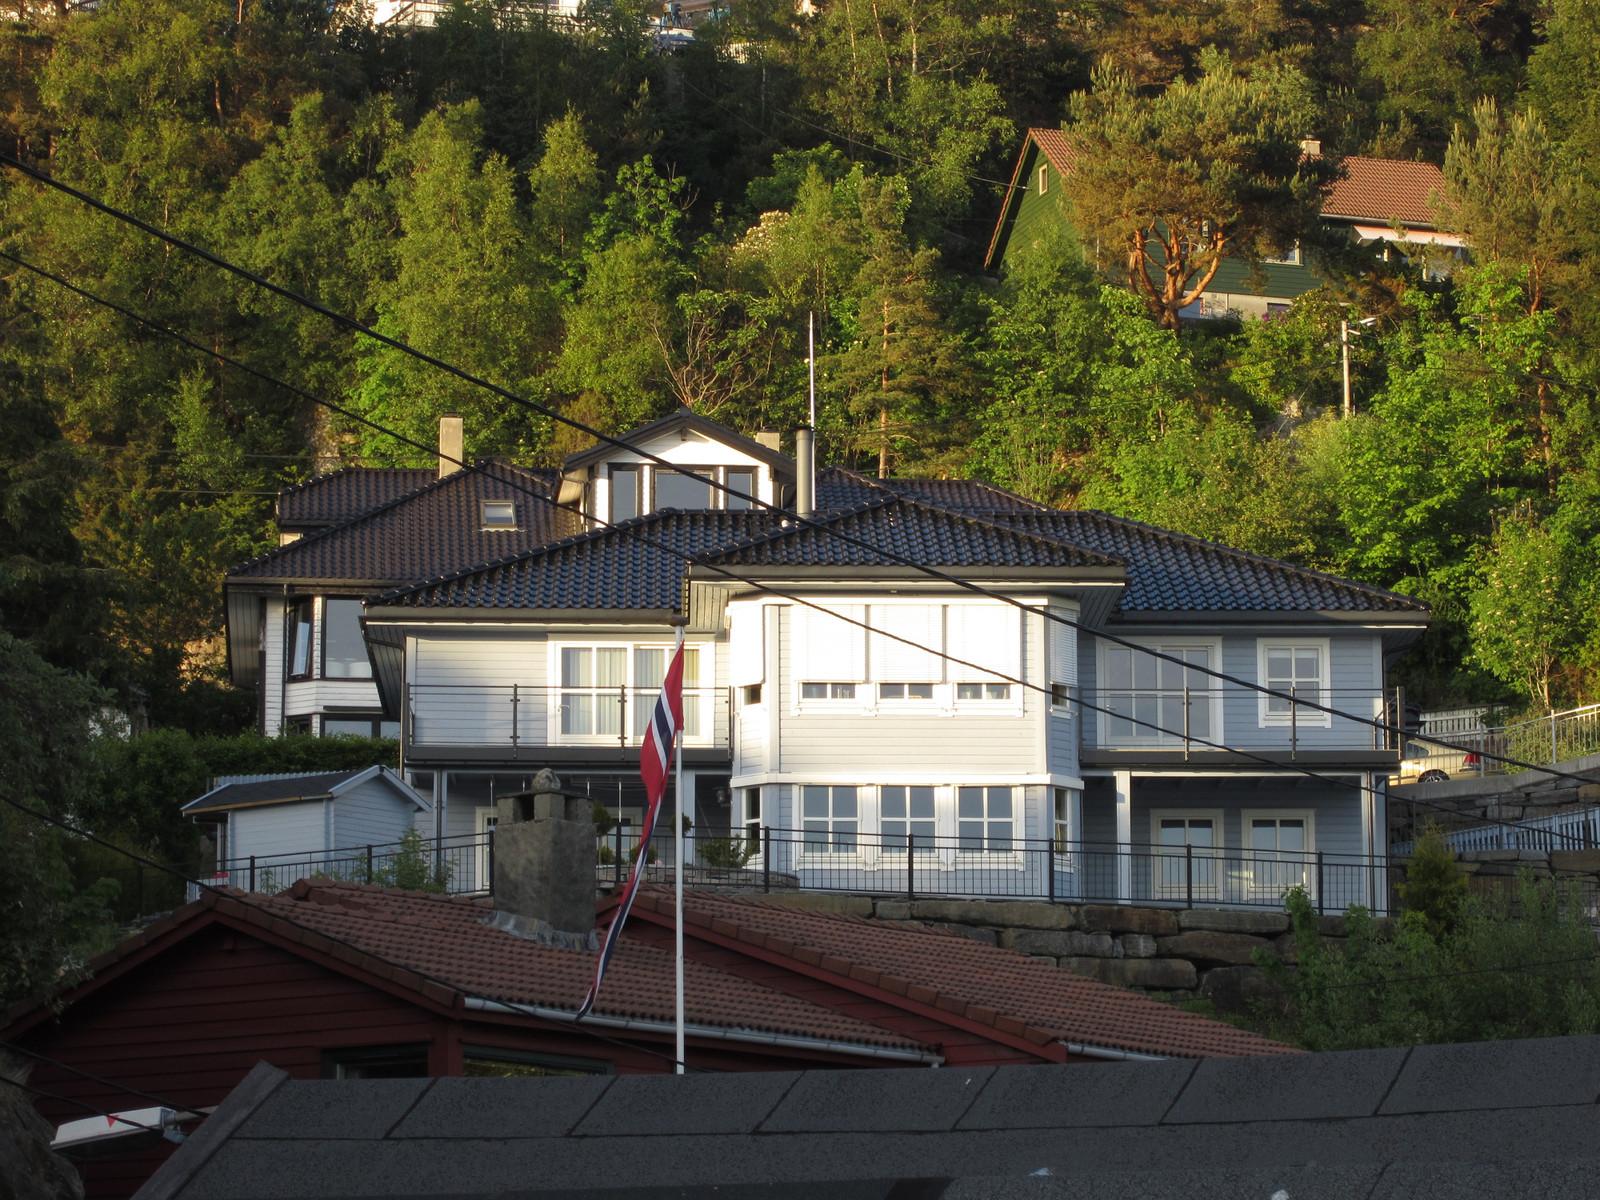 Huset i sin helhet, høyt og fritt for innsyn